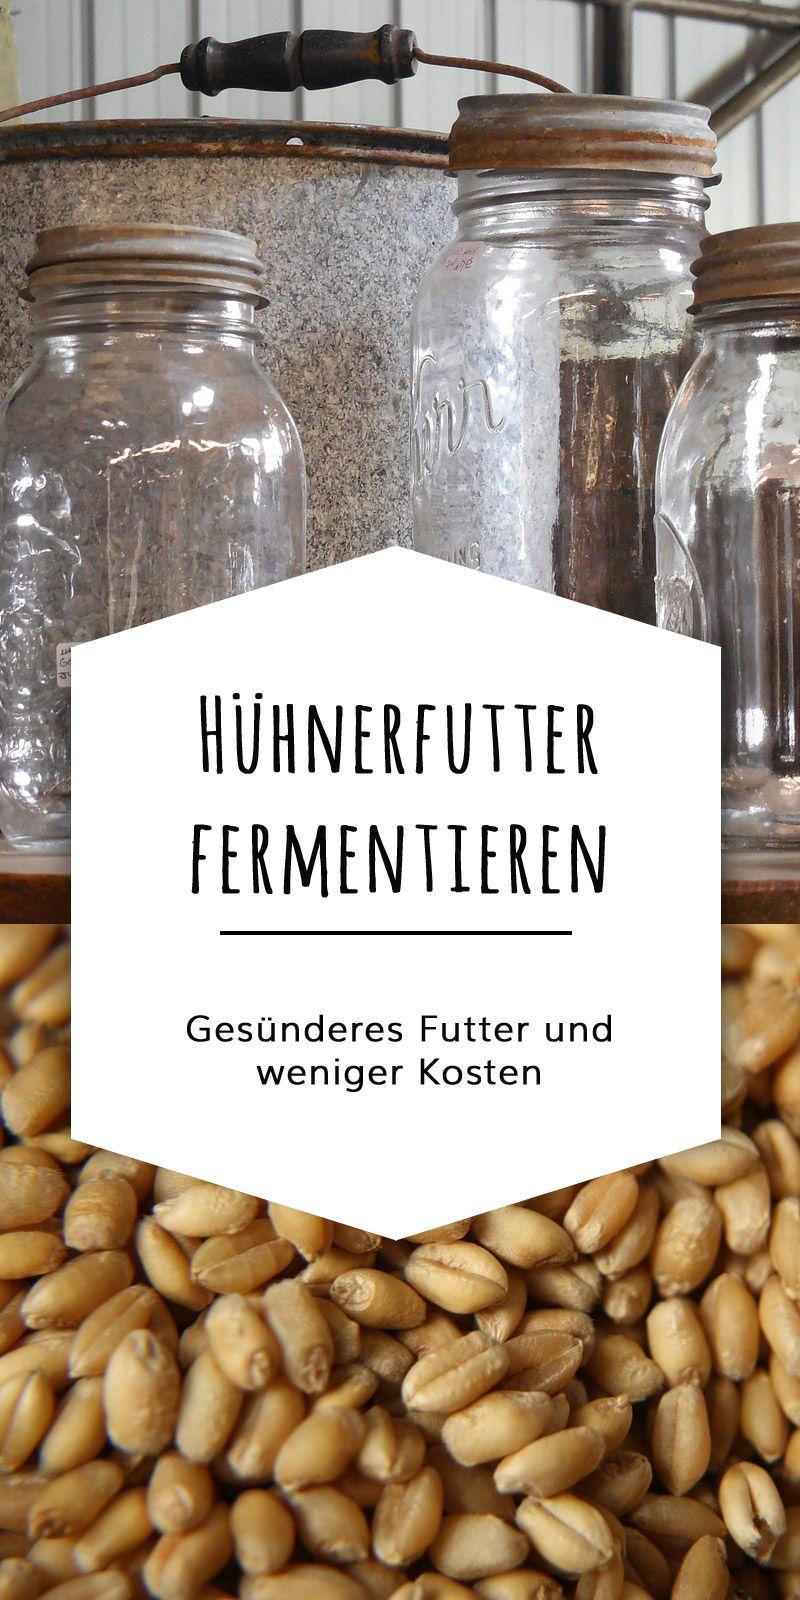 h hnerfutter fermentieren ges nderes futter in 3 tagen futtererg nzung h hner futter. Black Bedroom Furniture Sets. Home Design Ideas